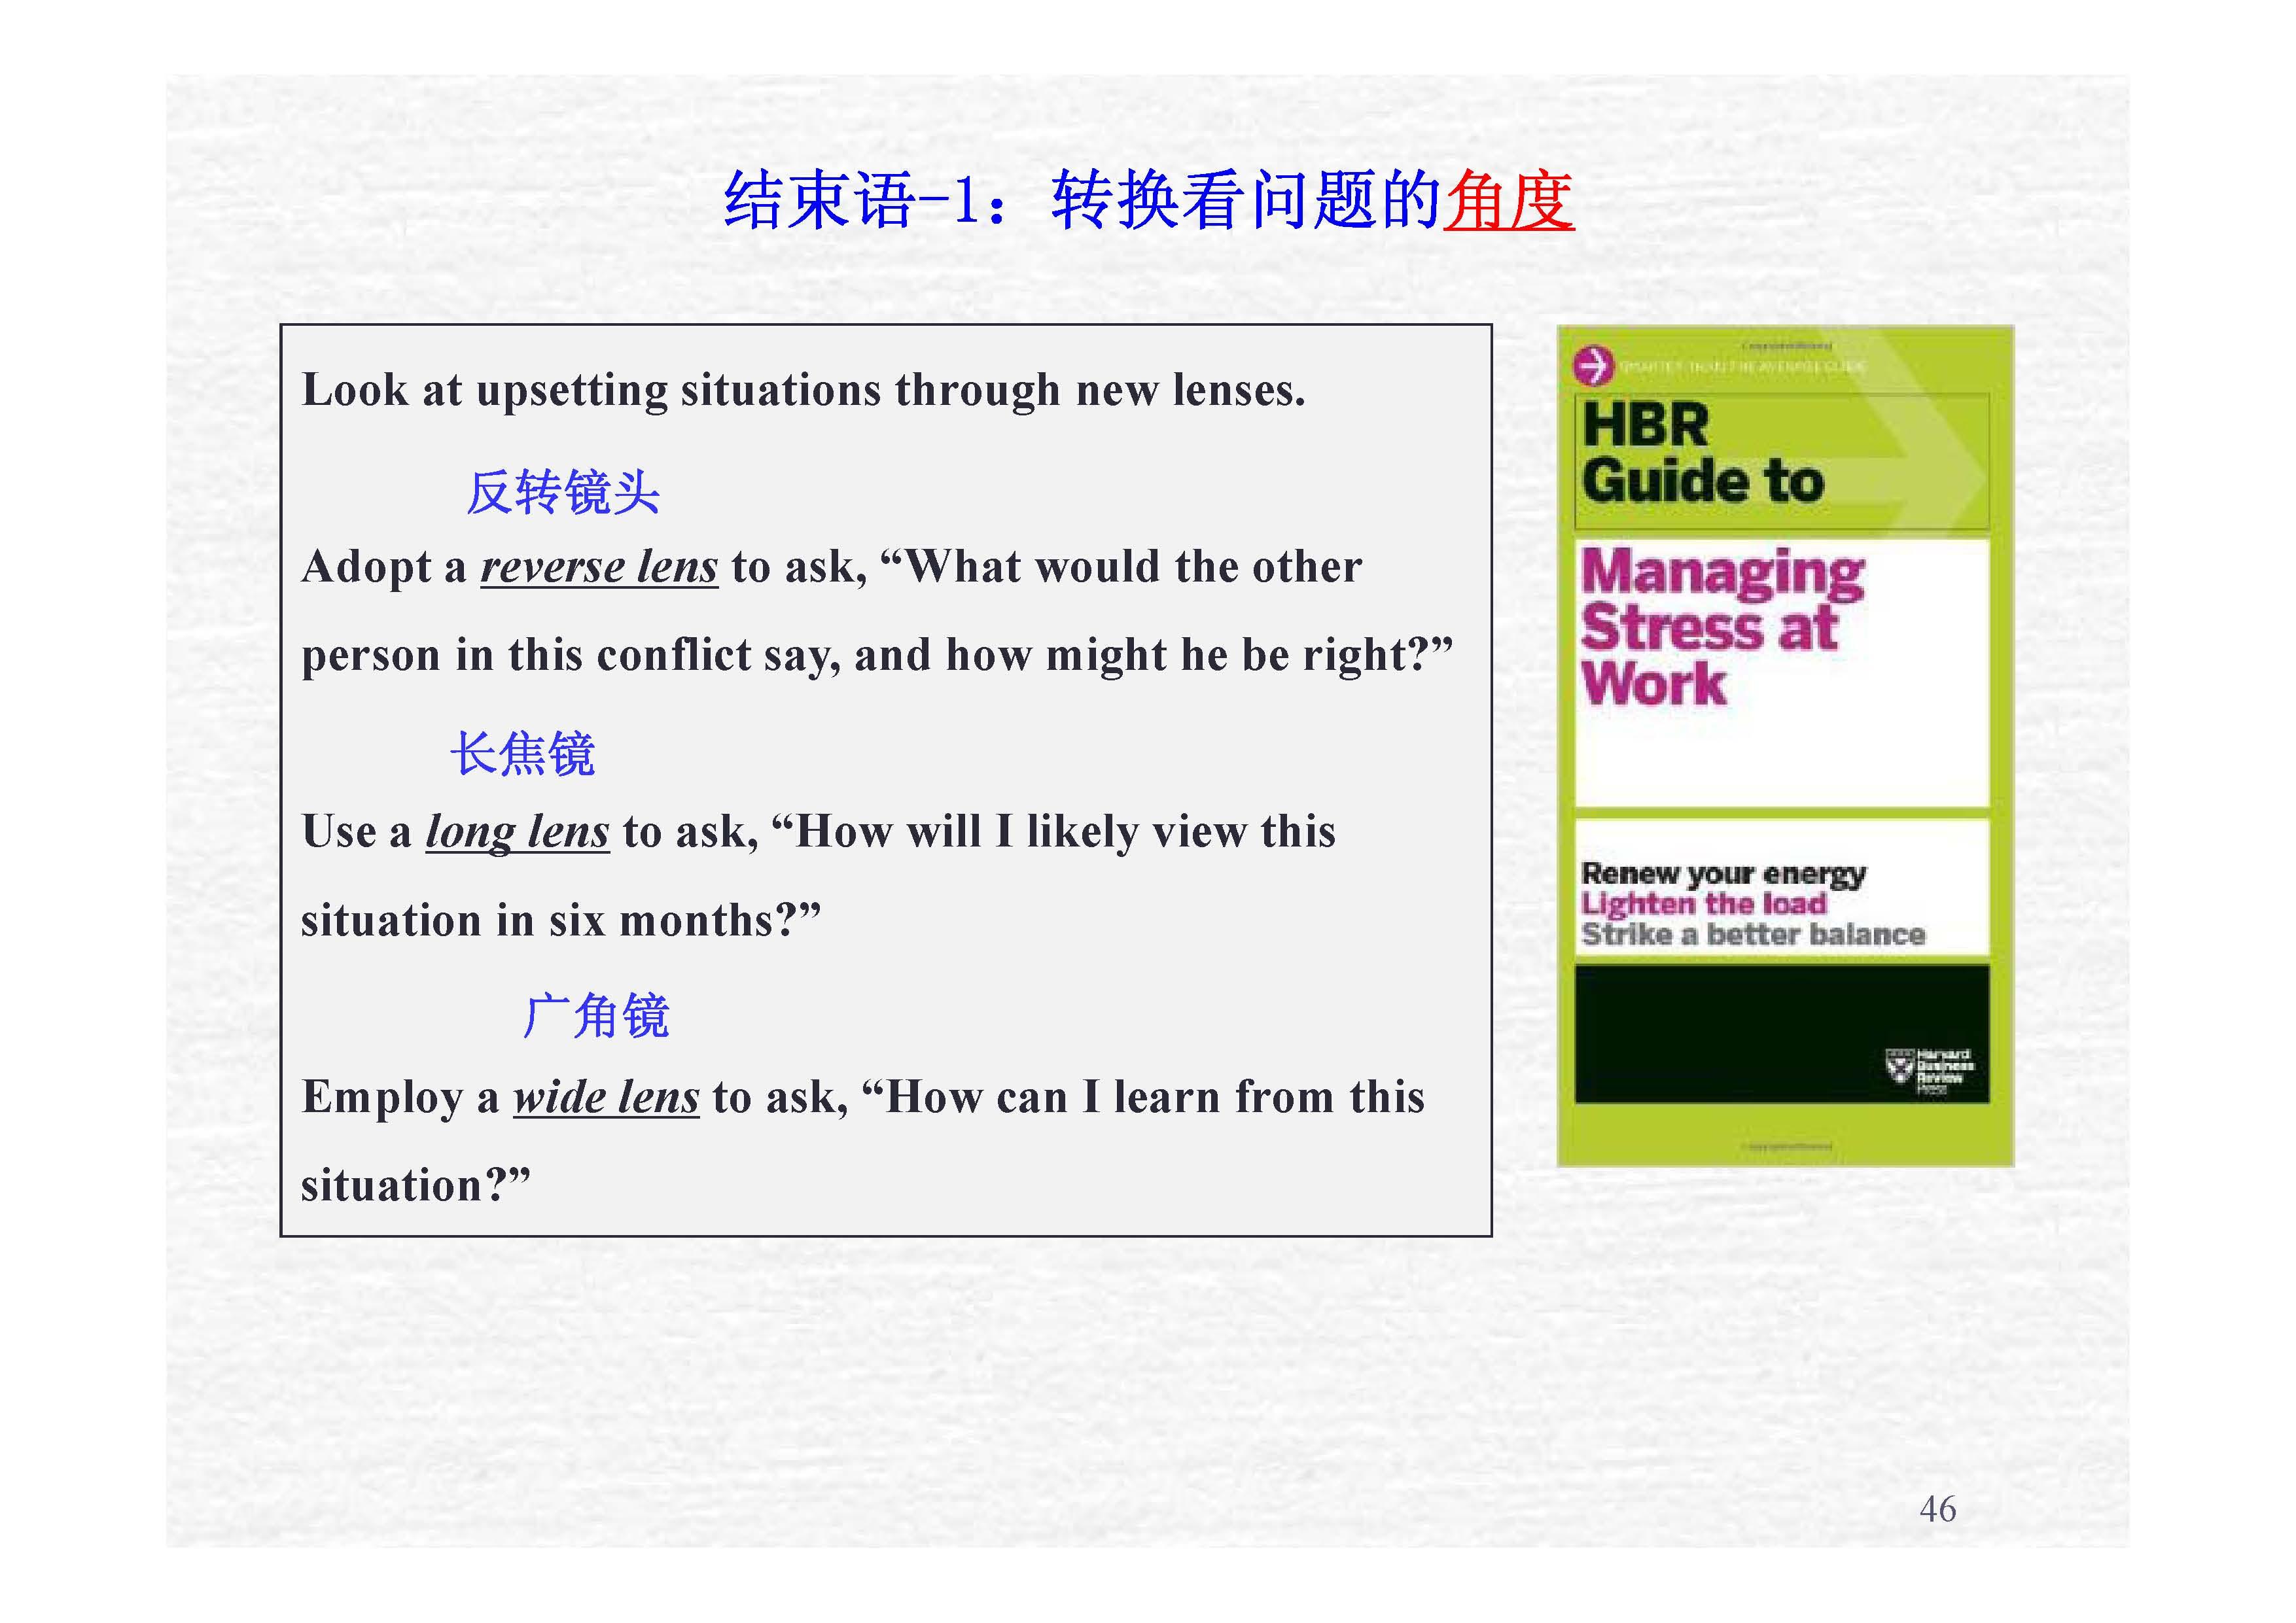 研究生师生矛盾及其化解对策-修订版-10_页面_46.jpg